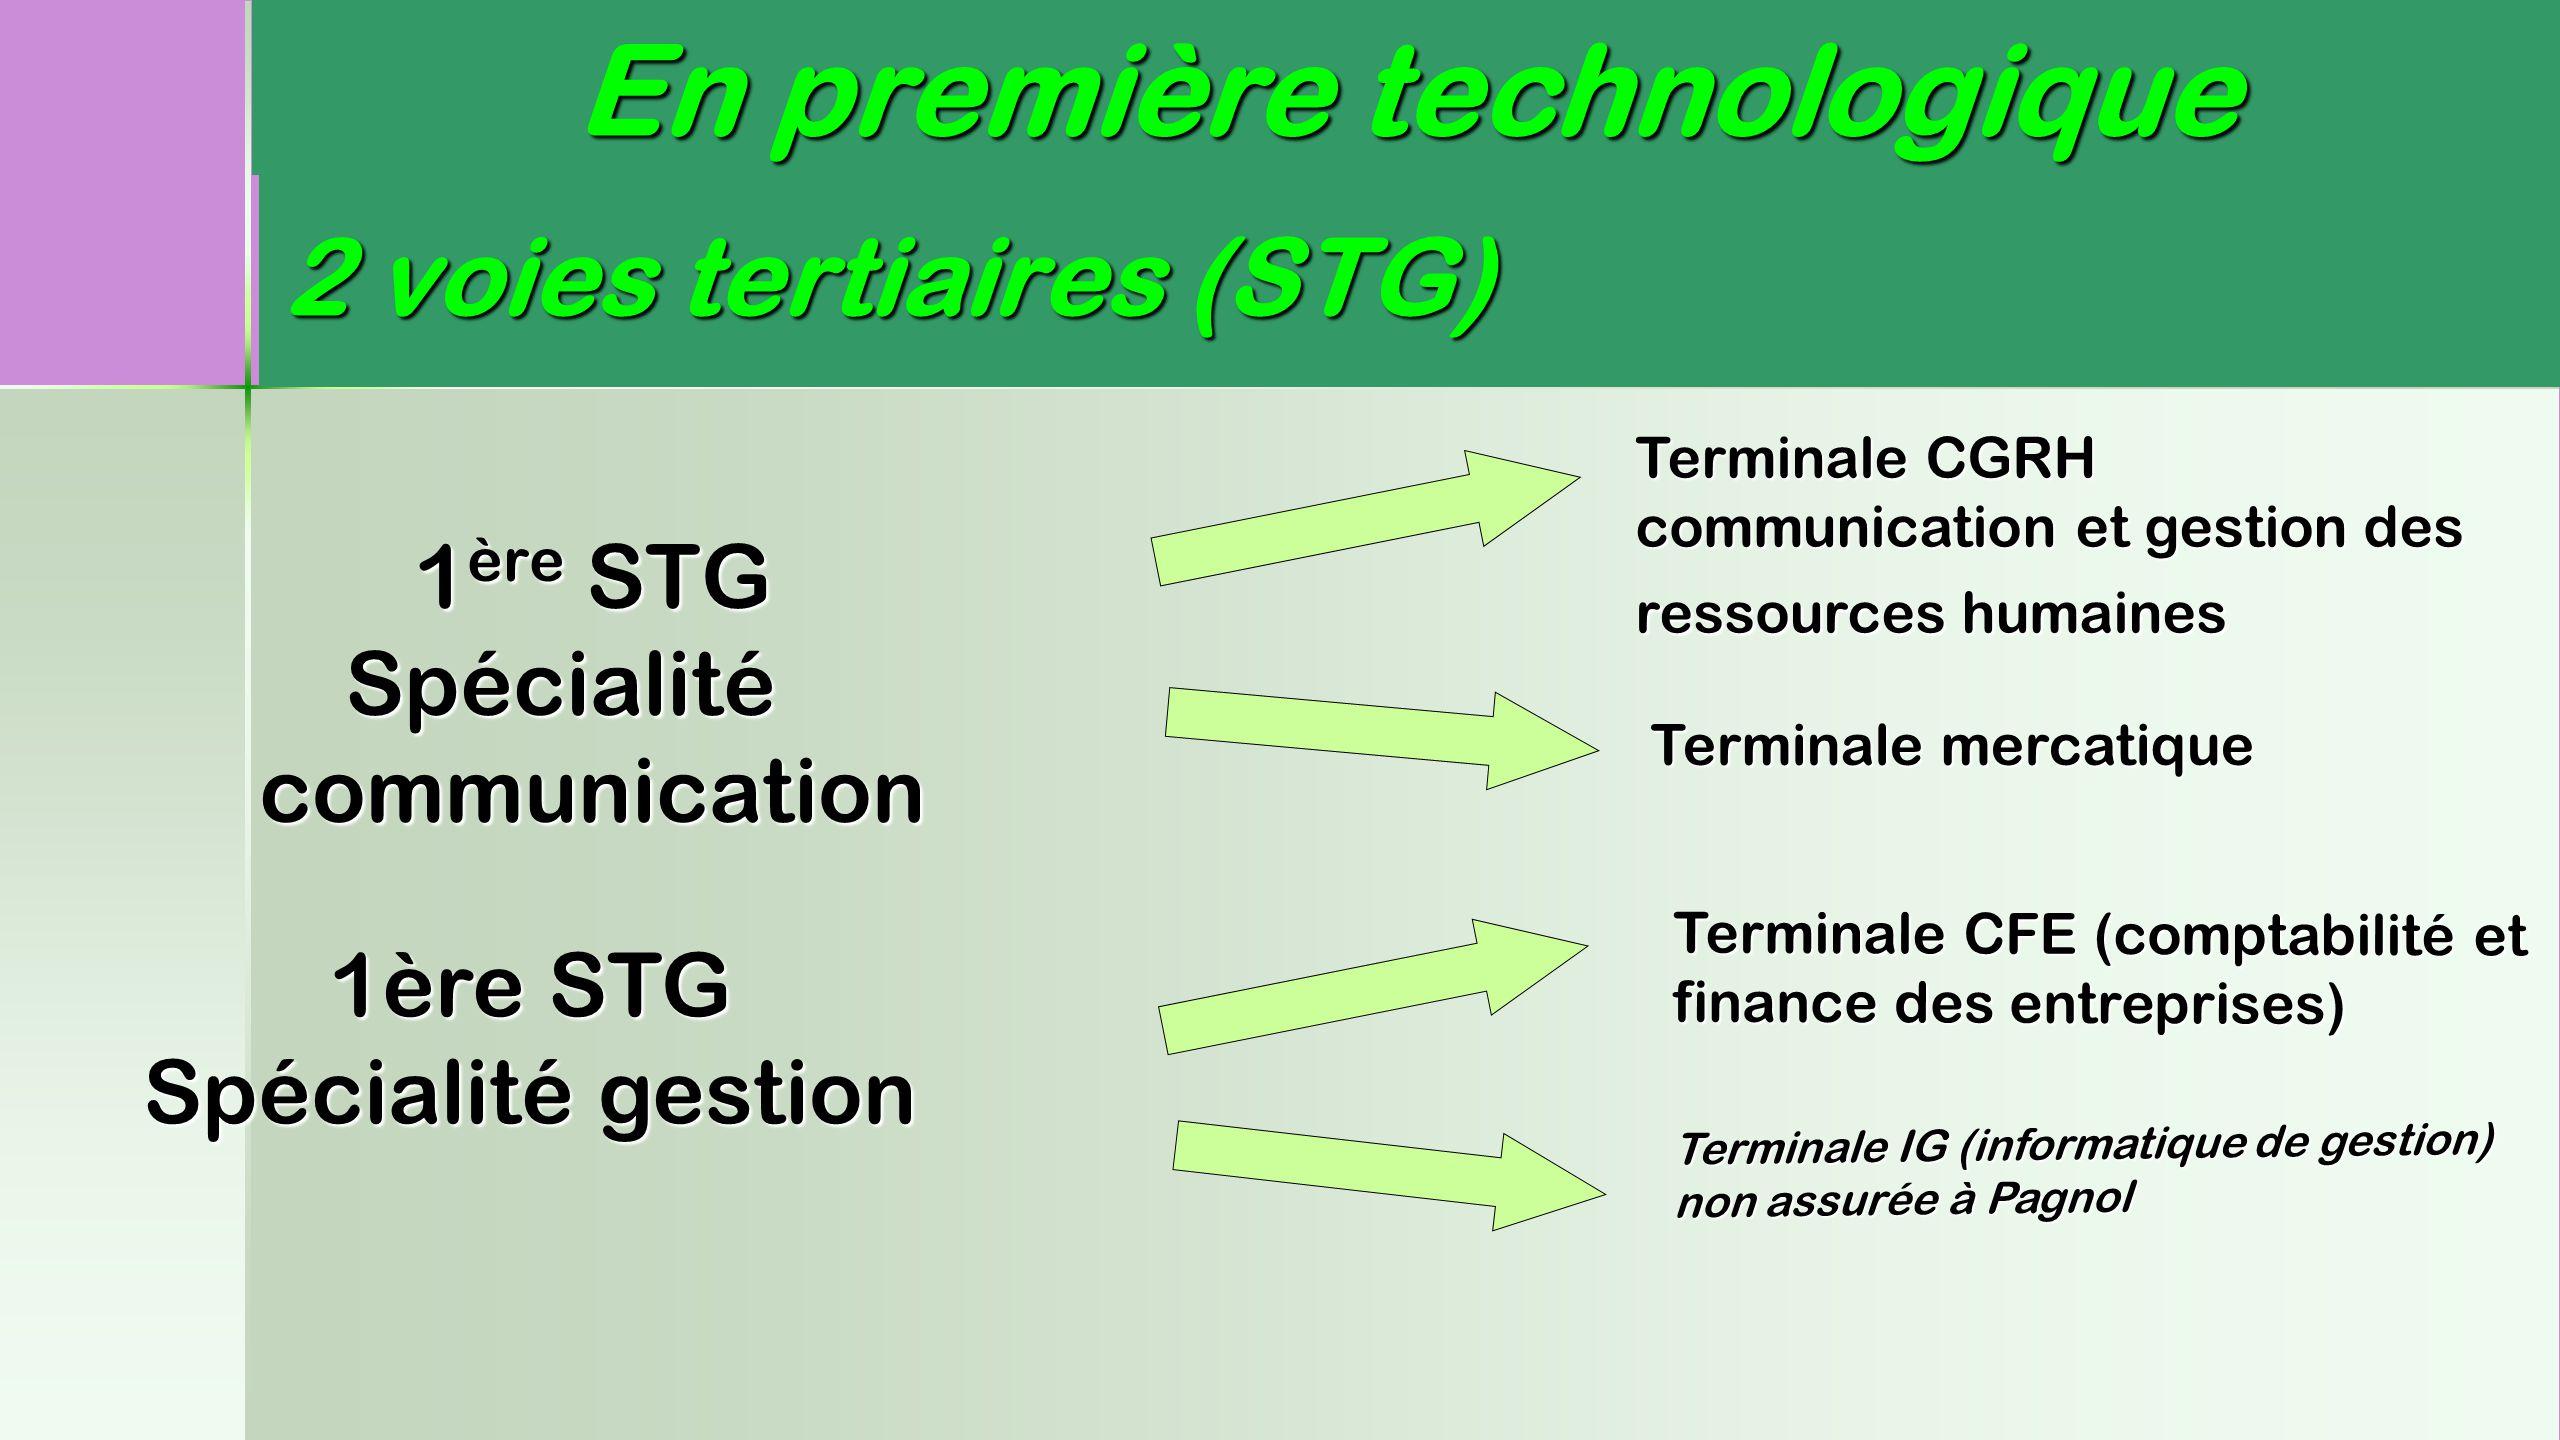 2 voies tertiaires (STG)